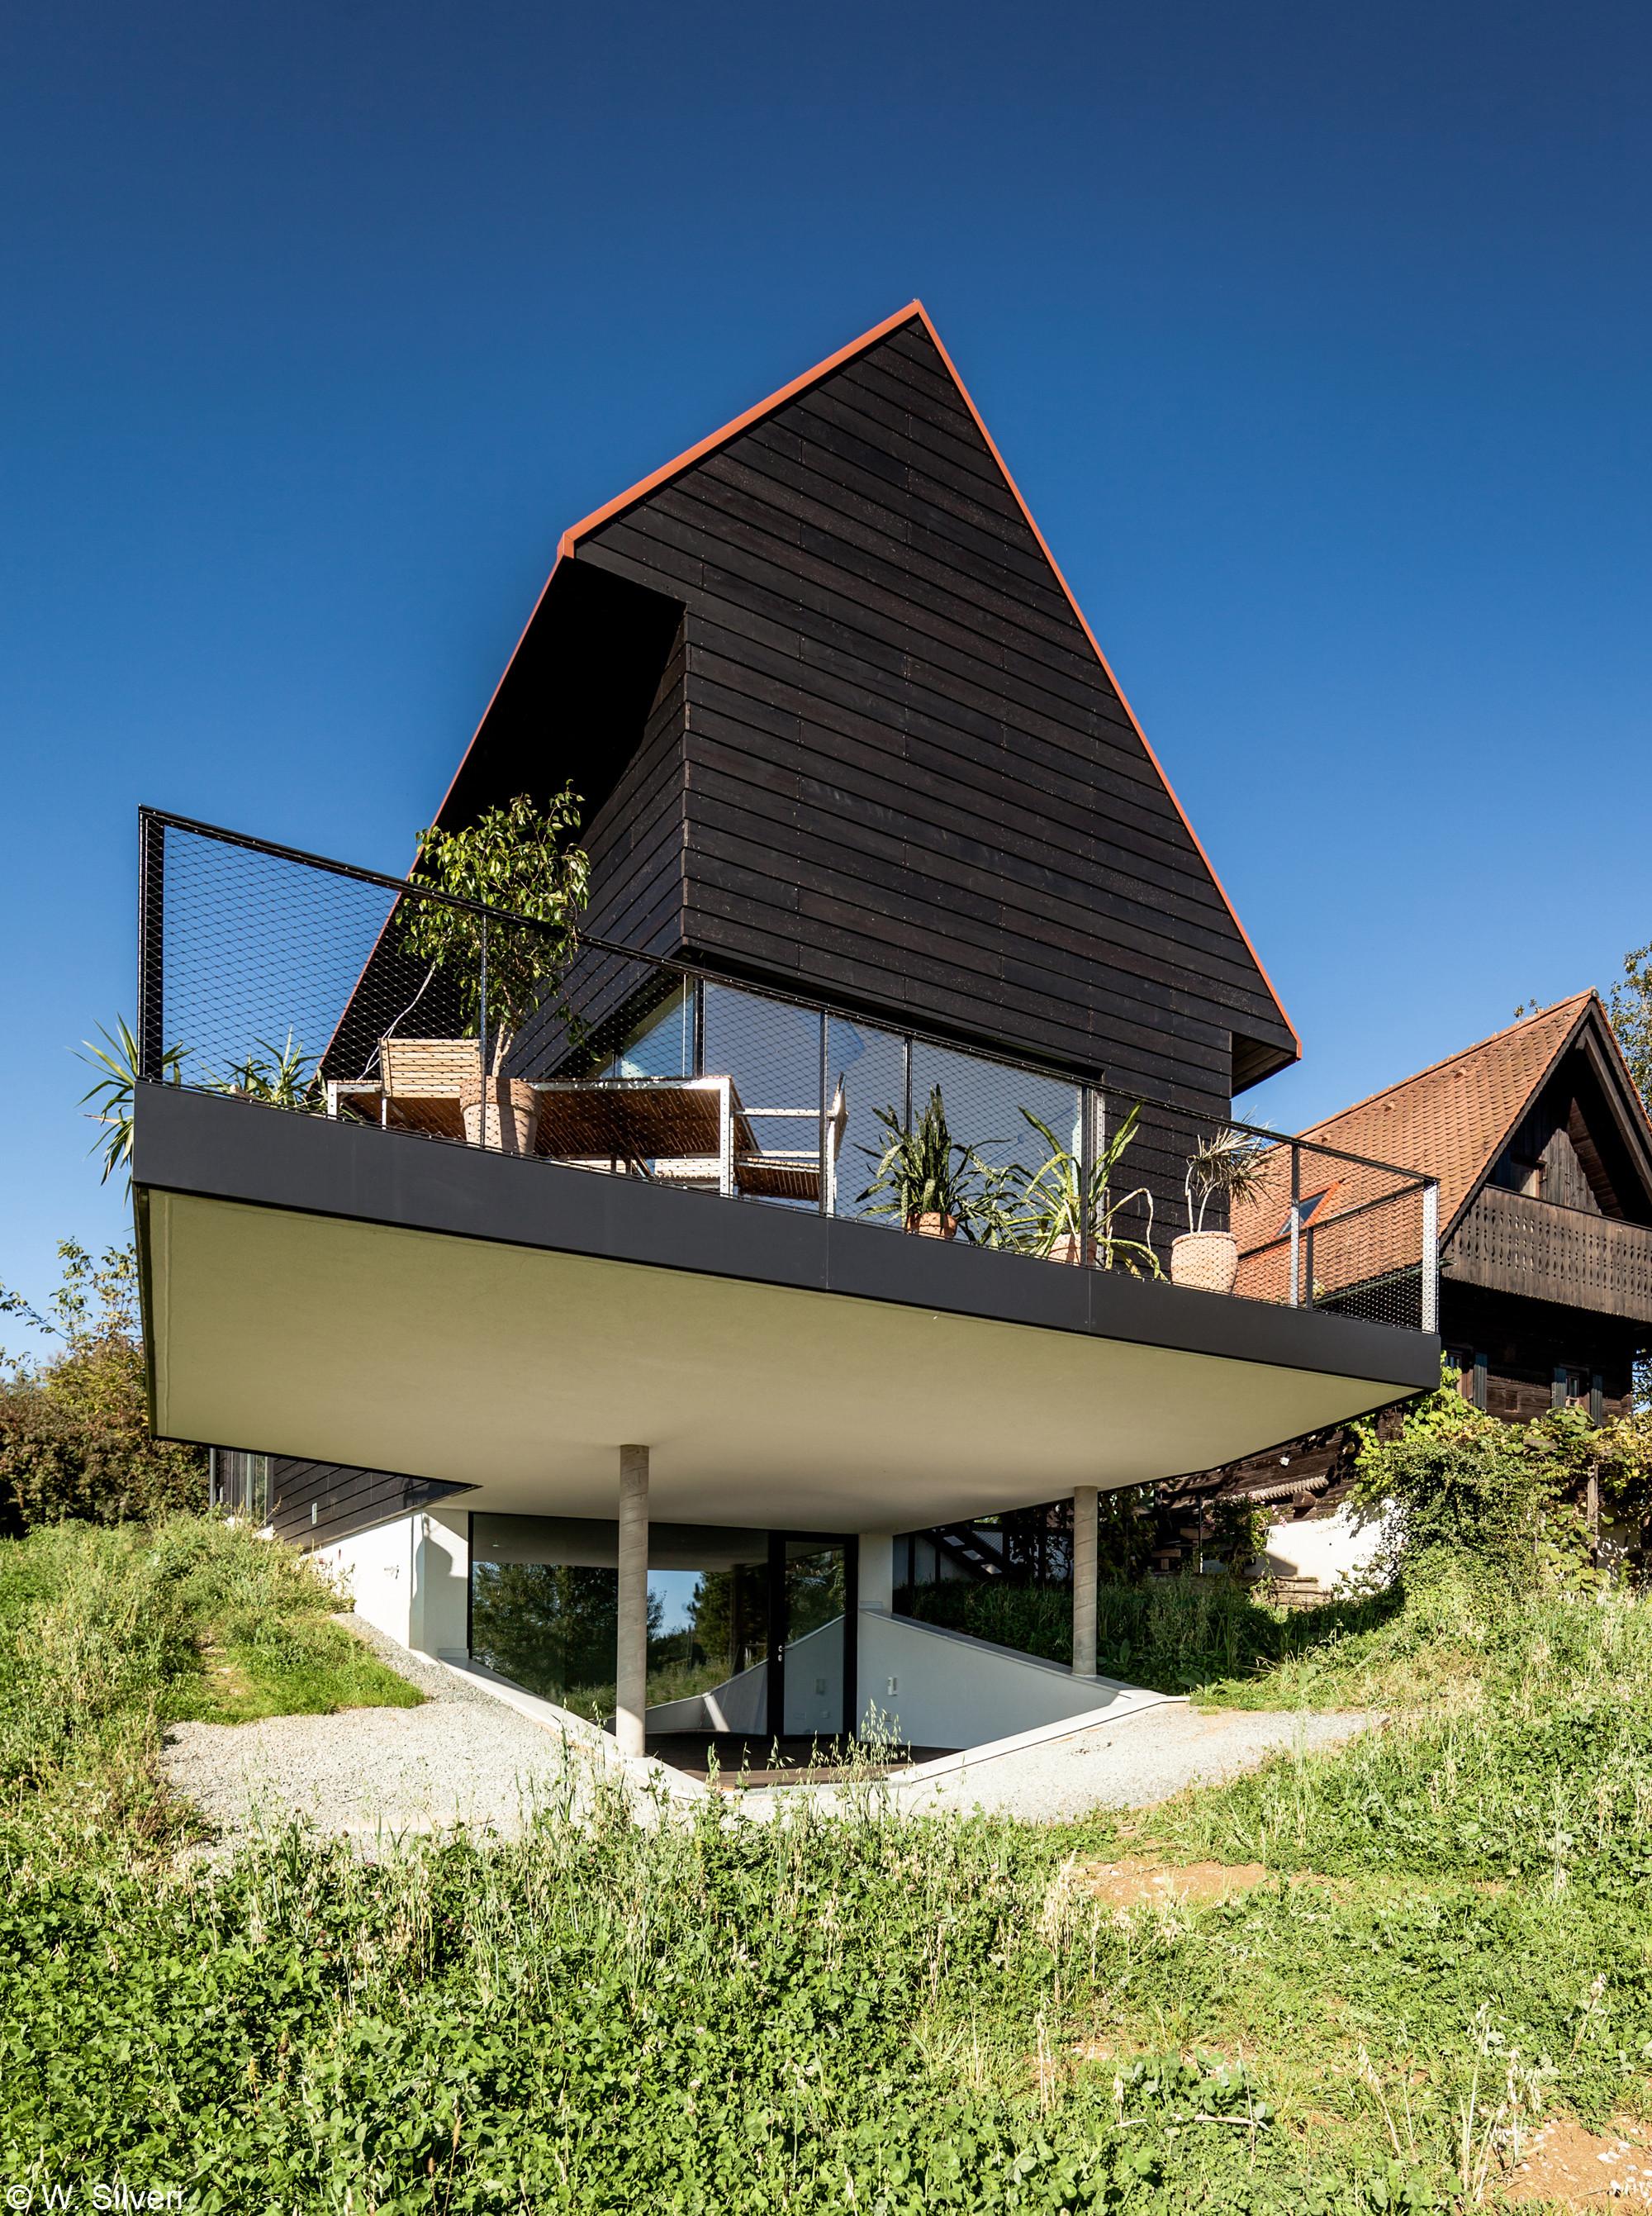 Gallery of haus am steinberg hog architektur 16 for Haus architektur